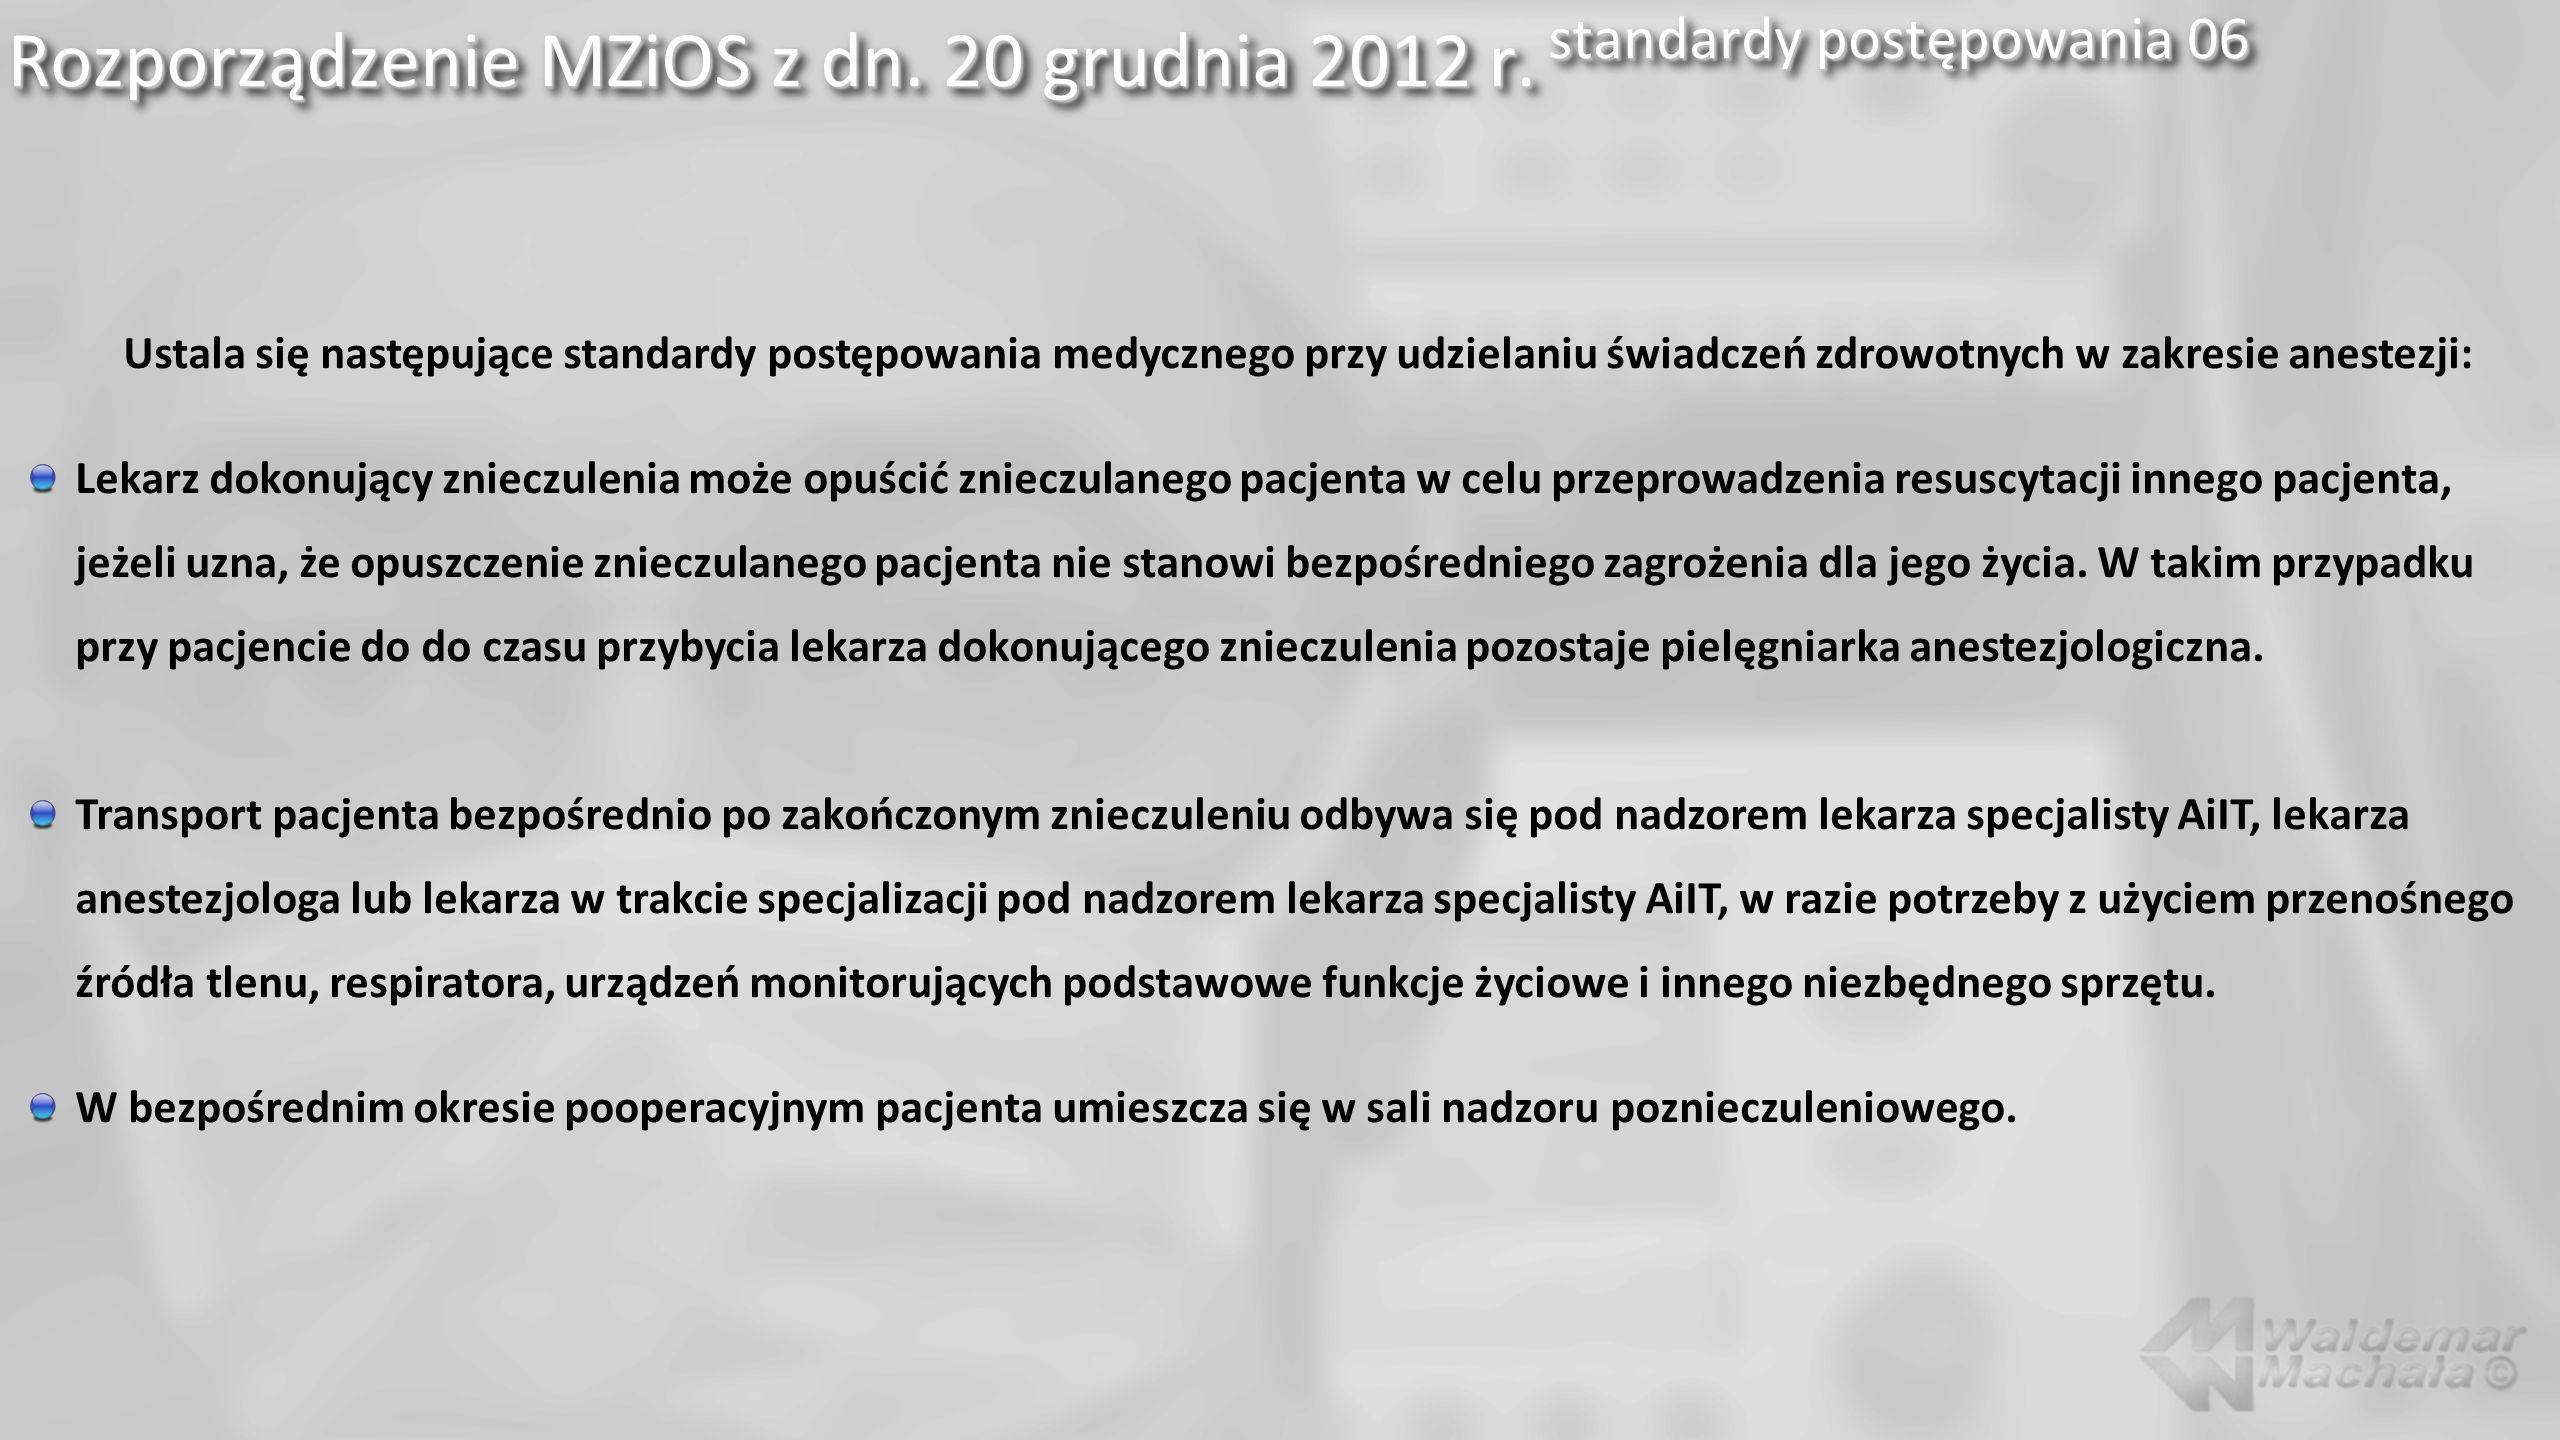 Rozporządzenie MZiOS z dn. 20 grudnia 2012 r. standardy postępowania 06 Ustala się następujące standardy postępowania medycznego przy udzielaniu świad